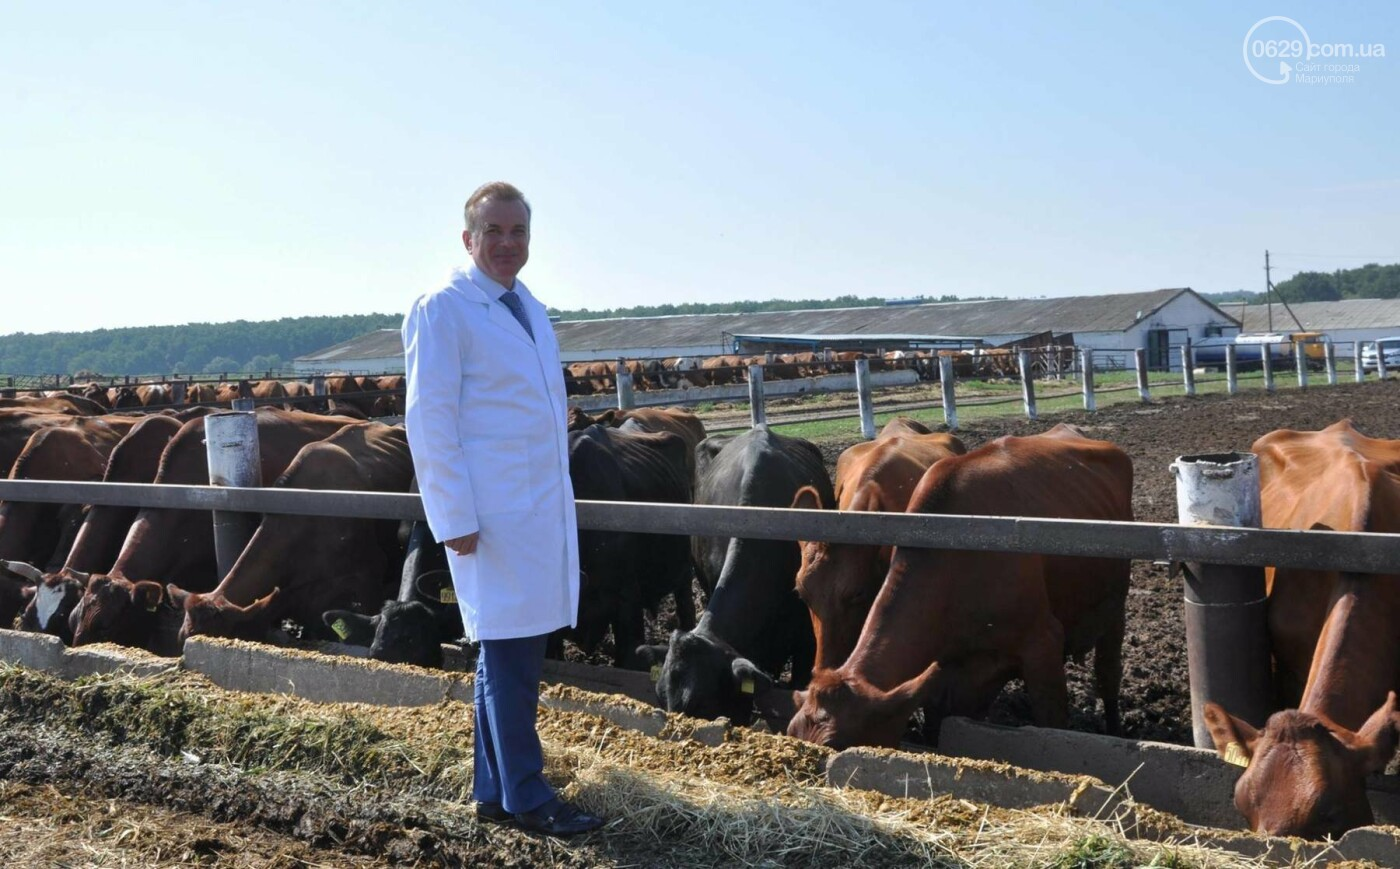 Юрий Тернавский: «Мариупольский молокозавод может напоить молоком каждого жителя Мариуполя и Приазовья», фото-22